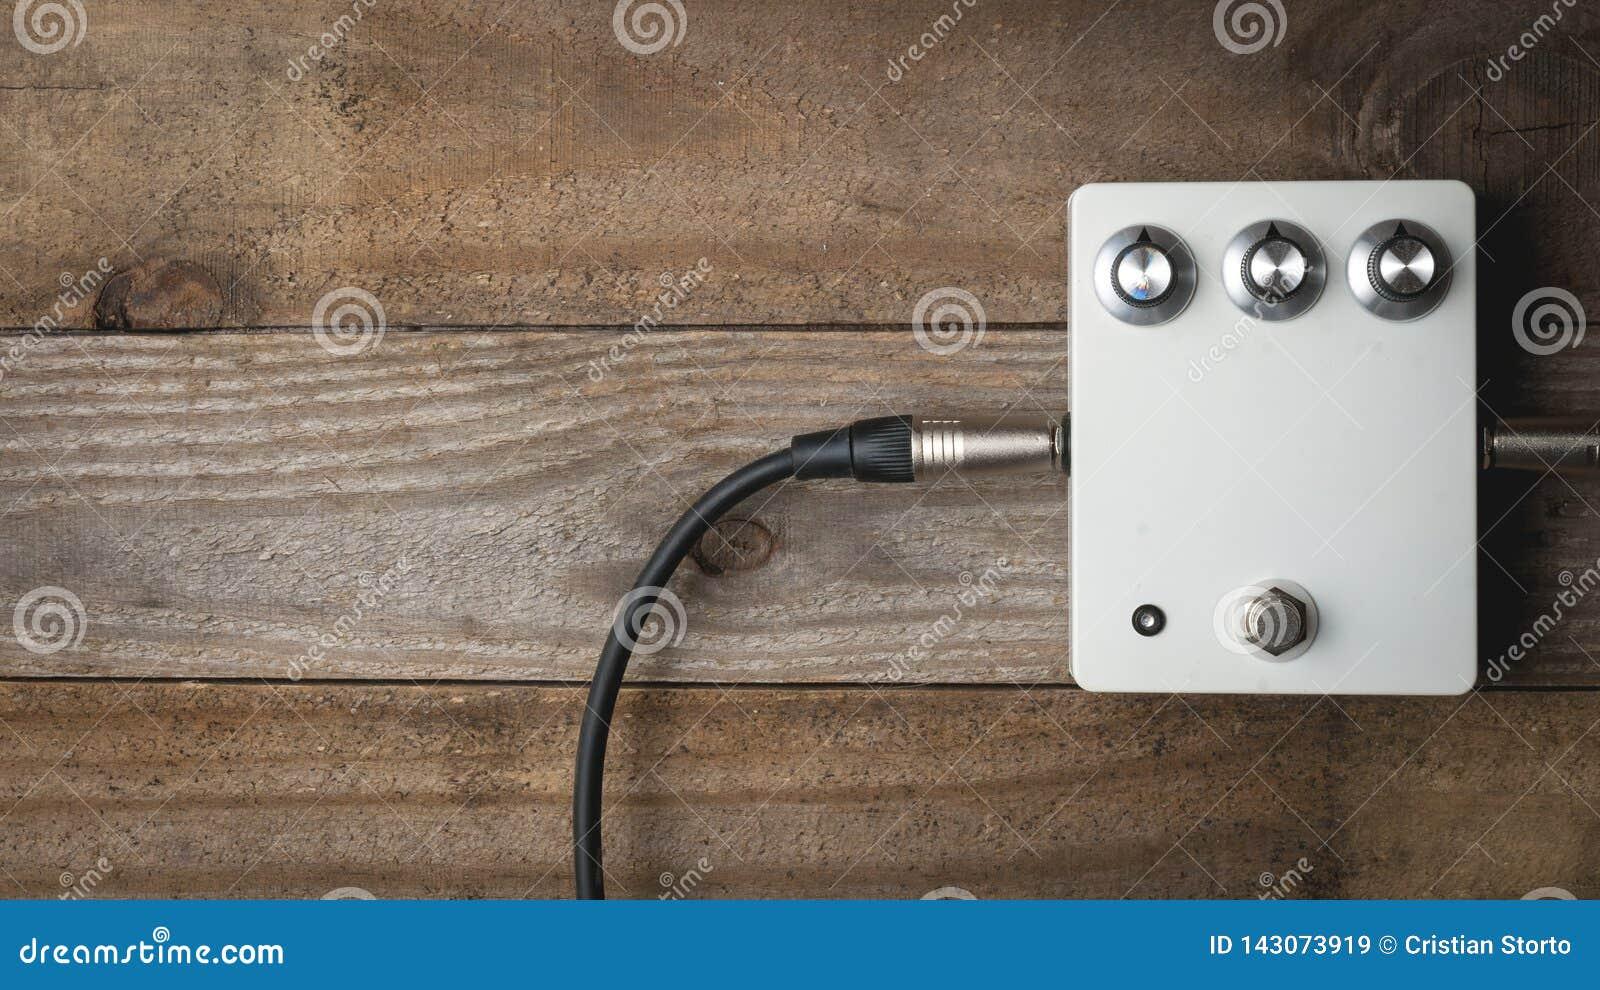 Een leeg wit gitaarpedaal met uitstekende knoppen en gestopte hefbomen op houten vloer